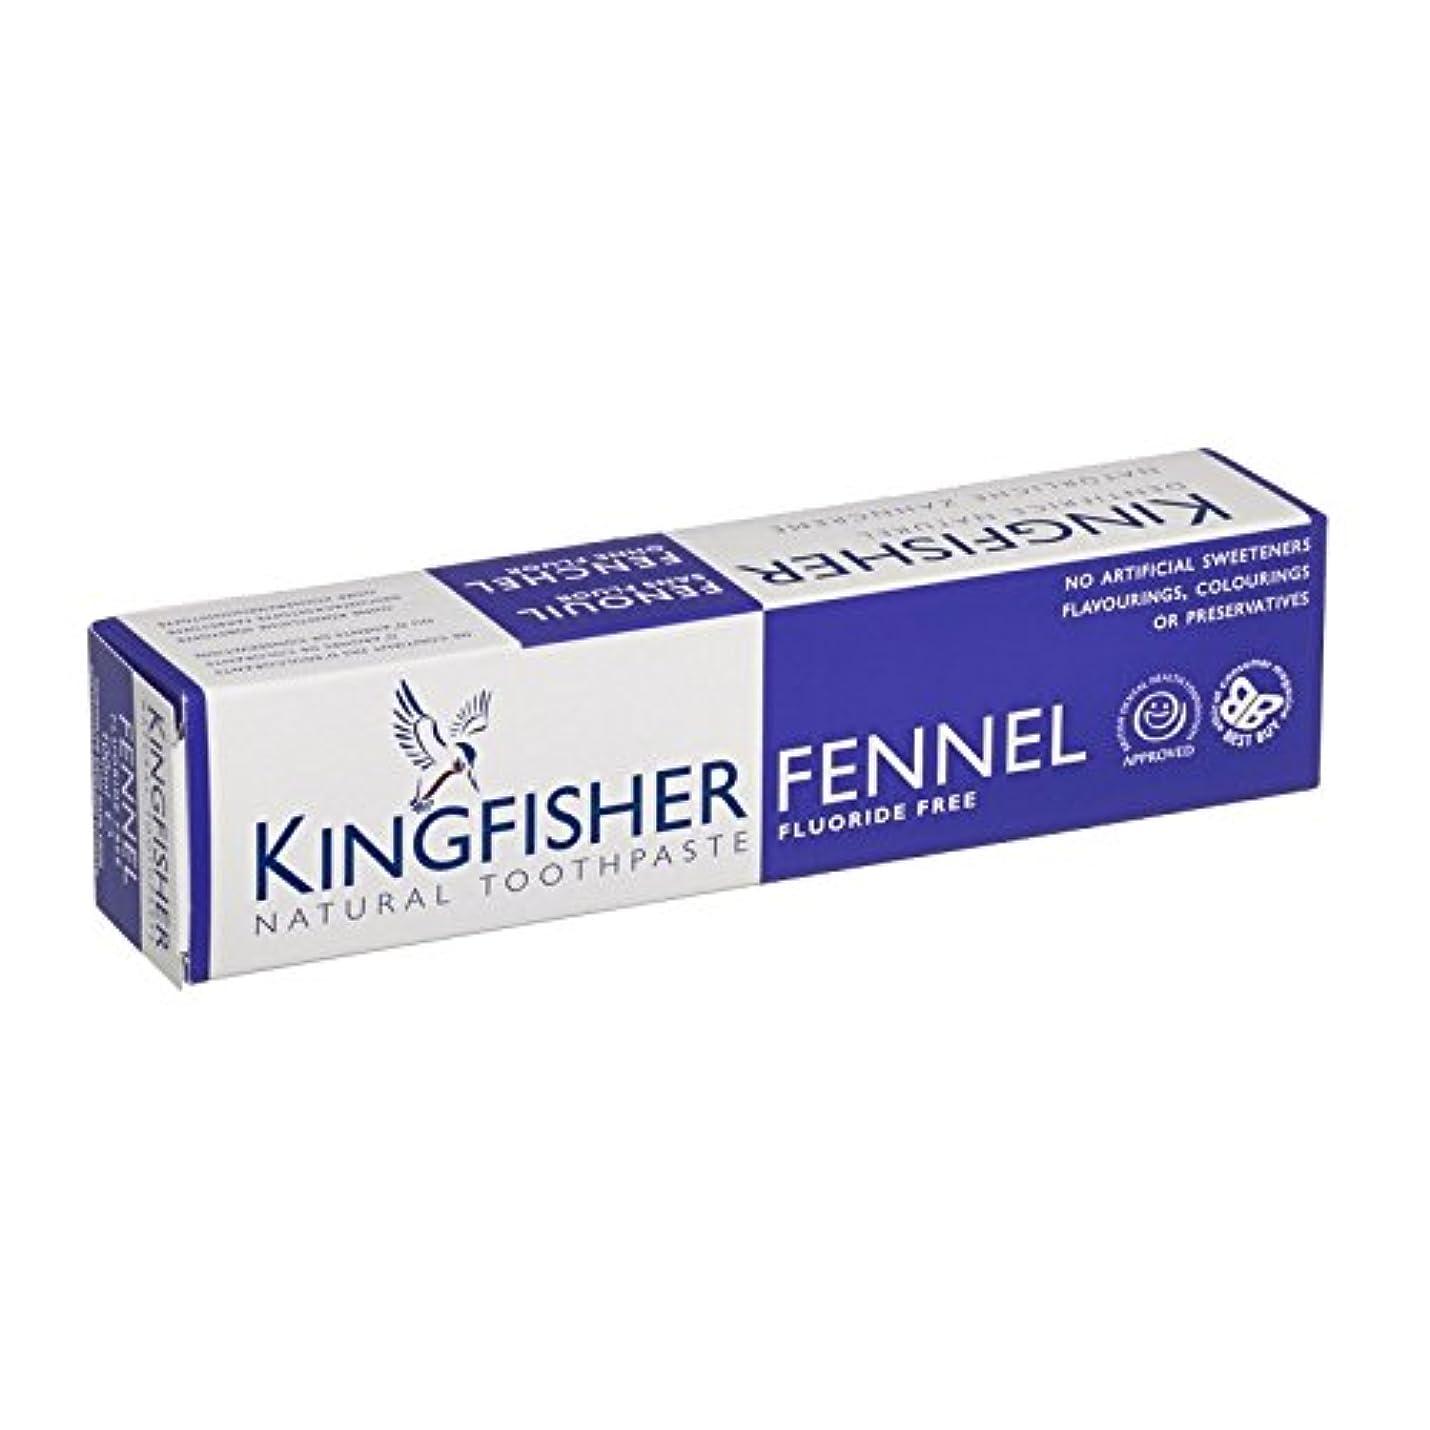 カワセミフッ化物無料ウイキョウ歯磨き粉 - Kingfisher Fluoride Free Fennel Toothpaste (Kingfisher) [並行輸入品]